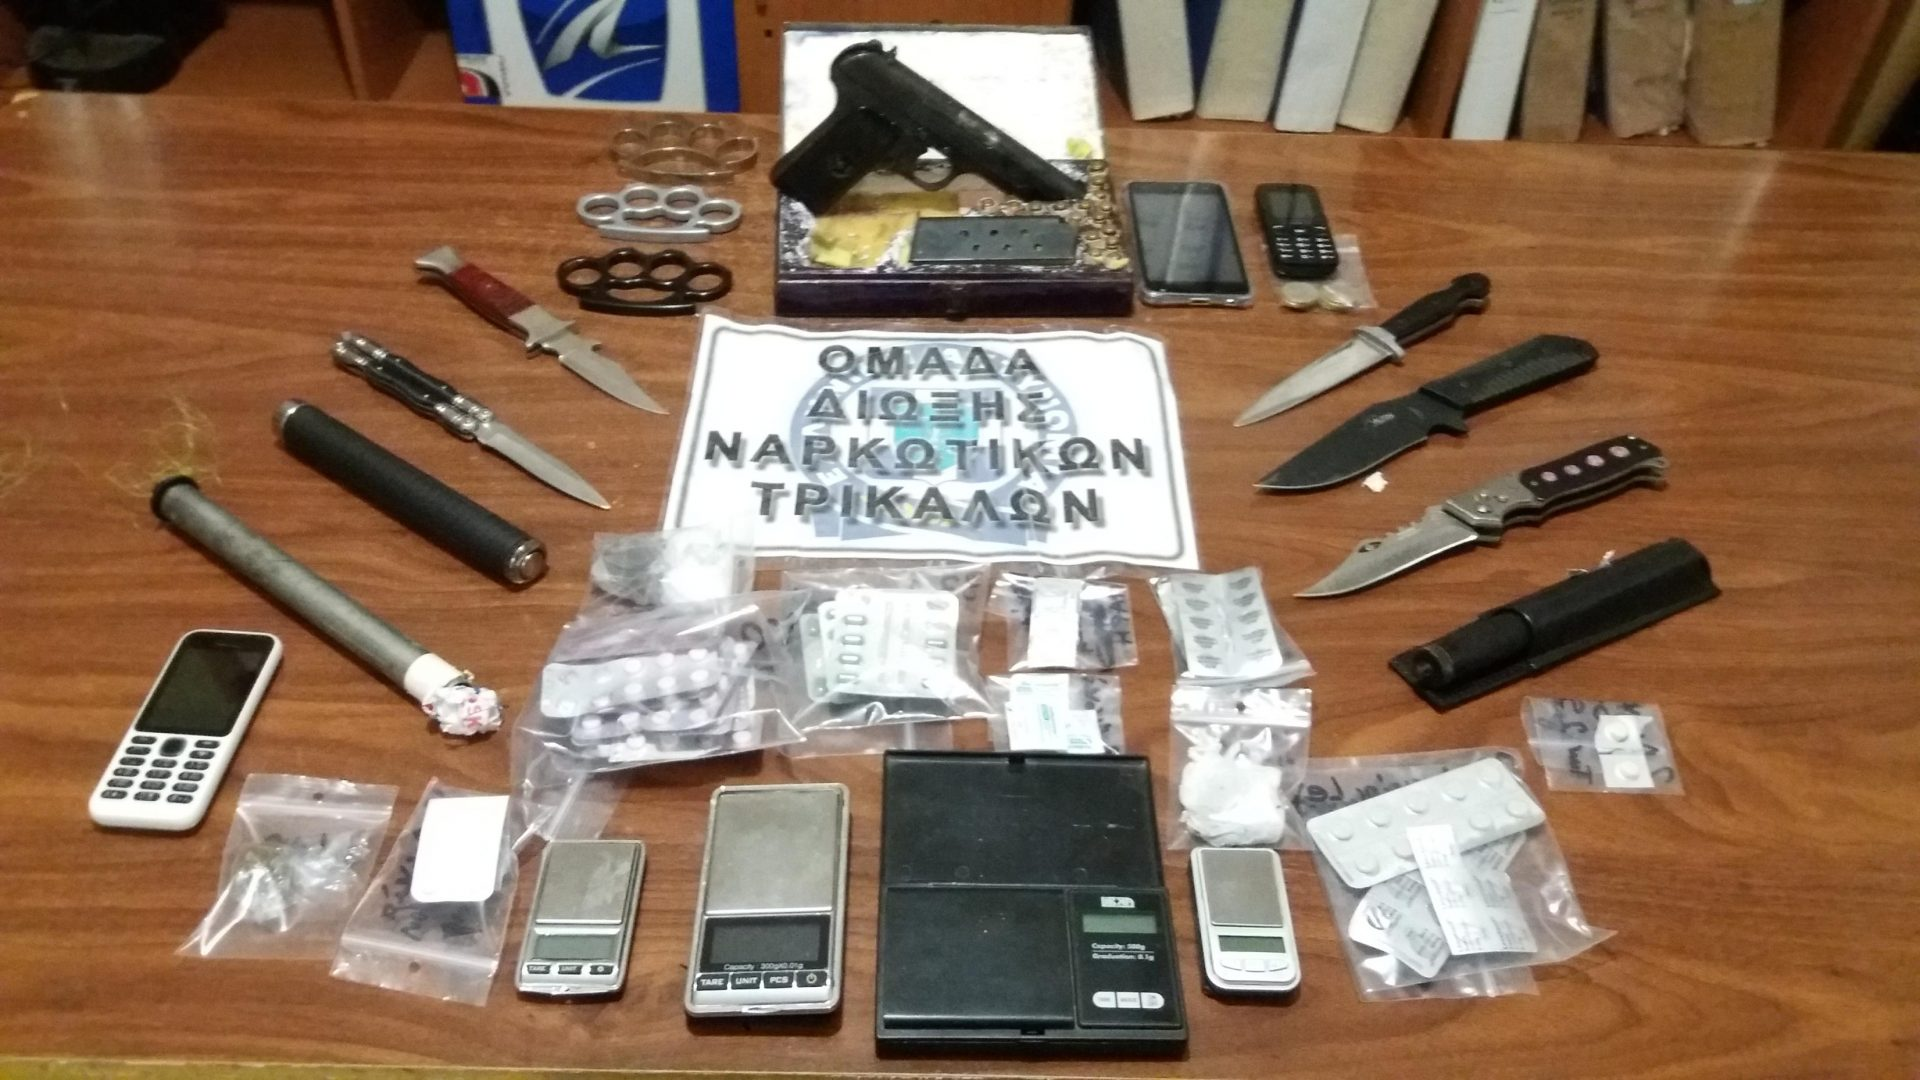 Σύλληψη τριών ατόμων για ναρκωτικά και όπλα στα Τρίκαλα